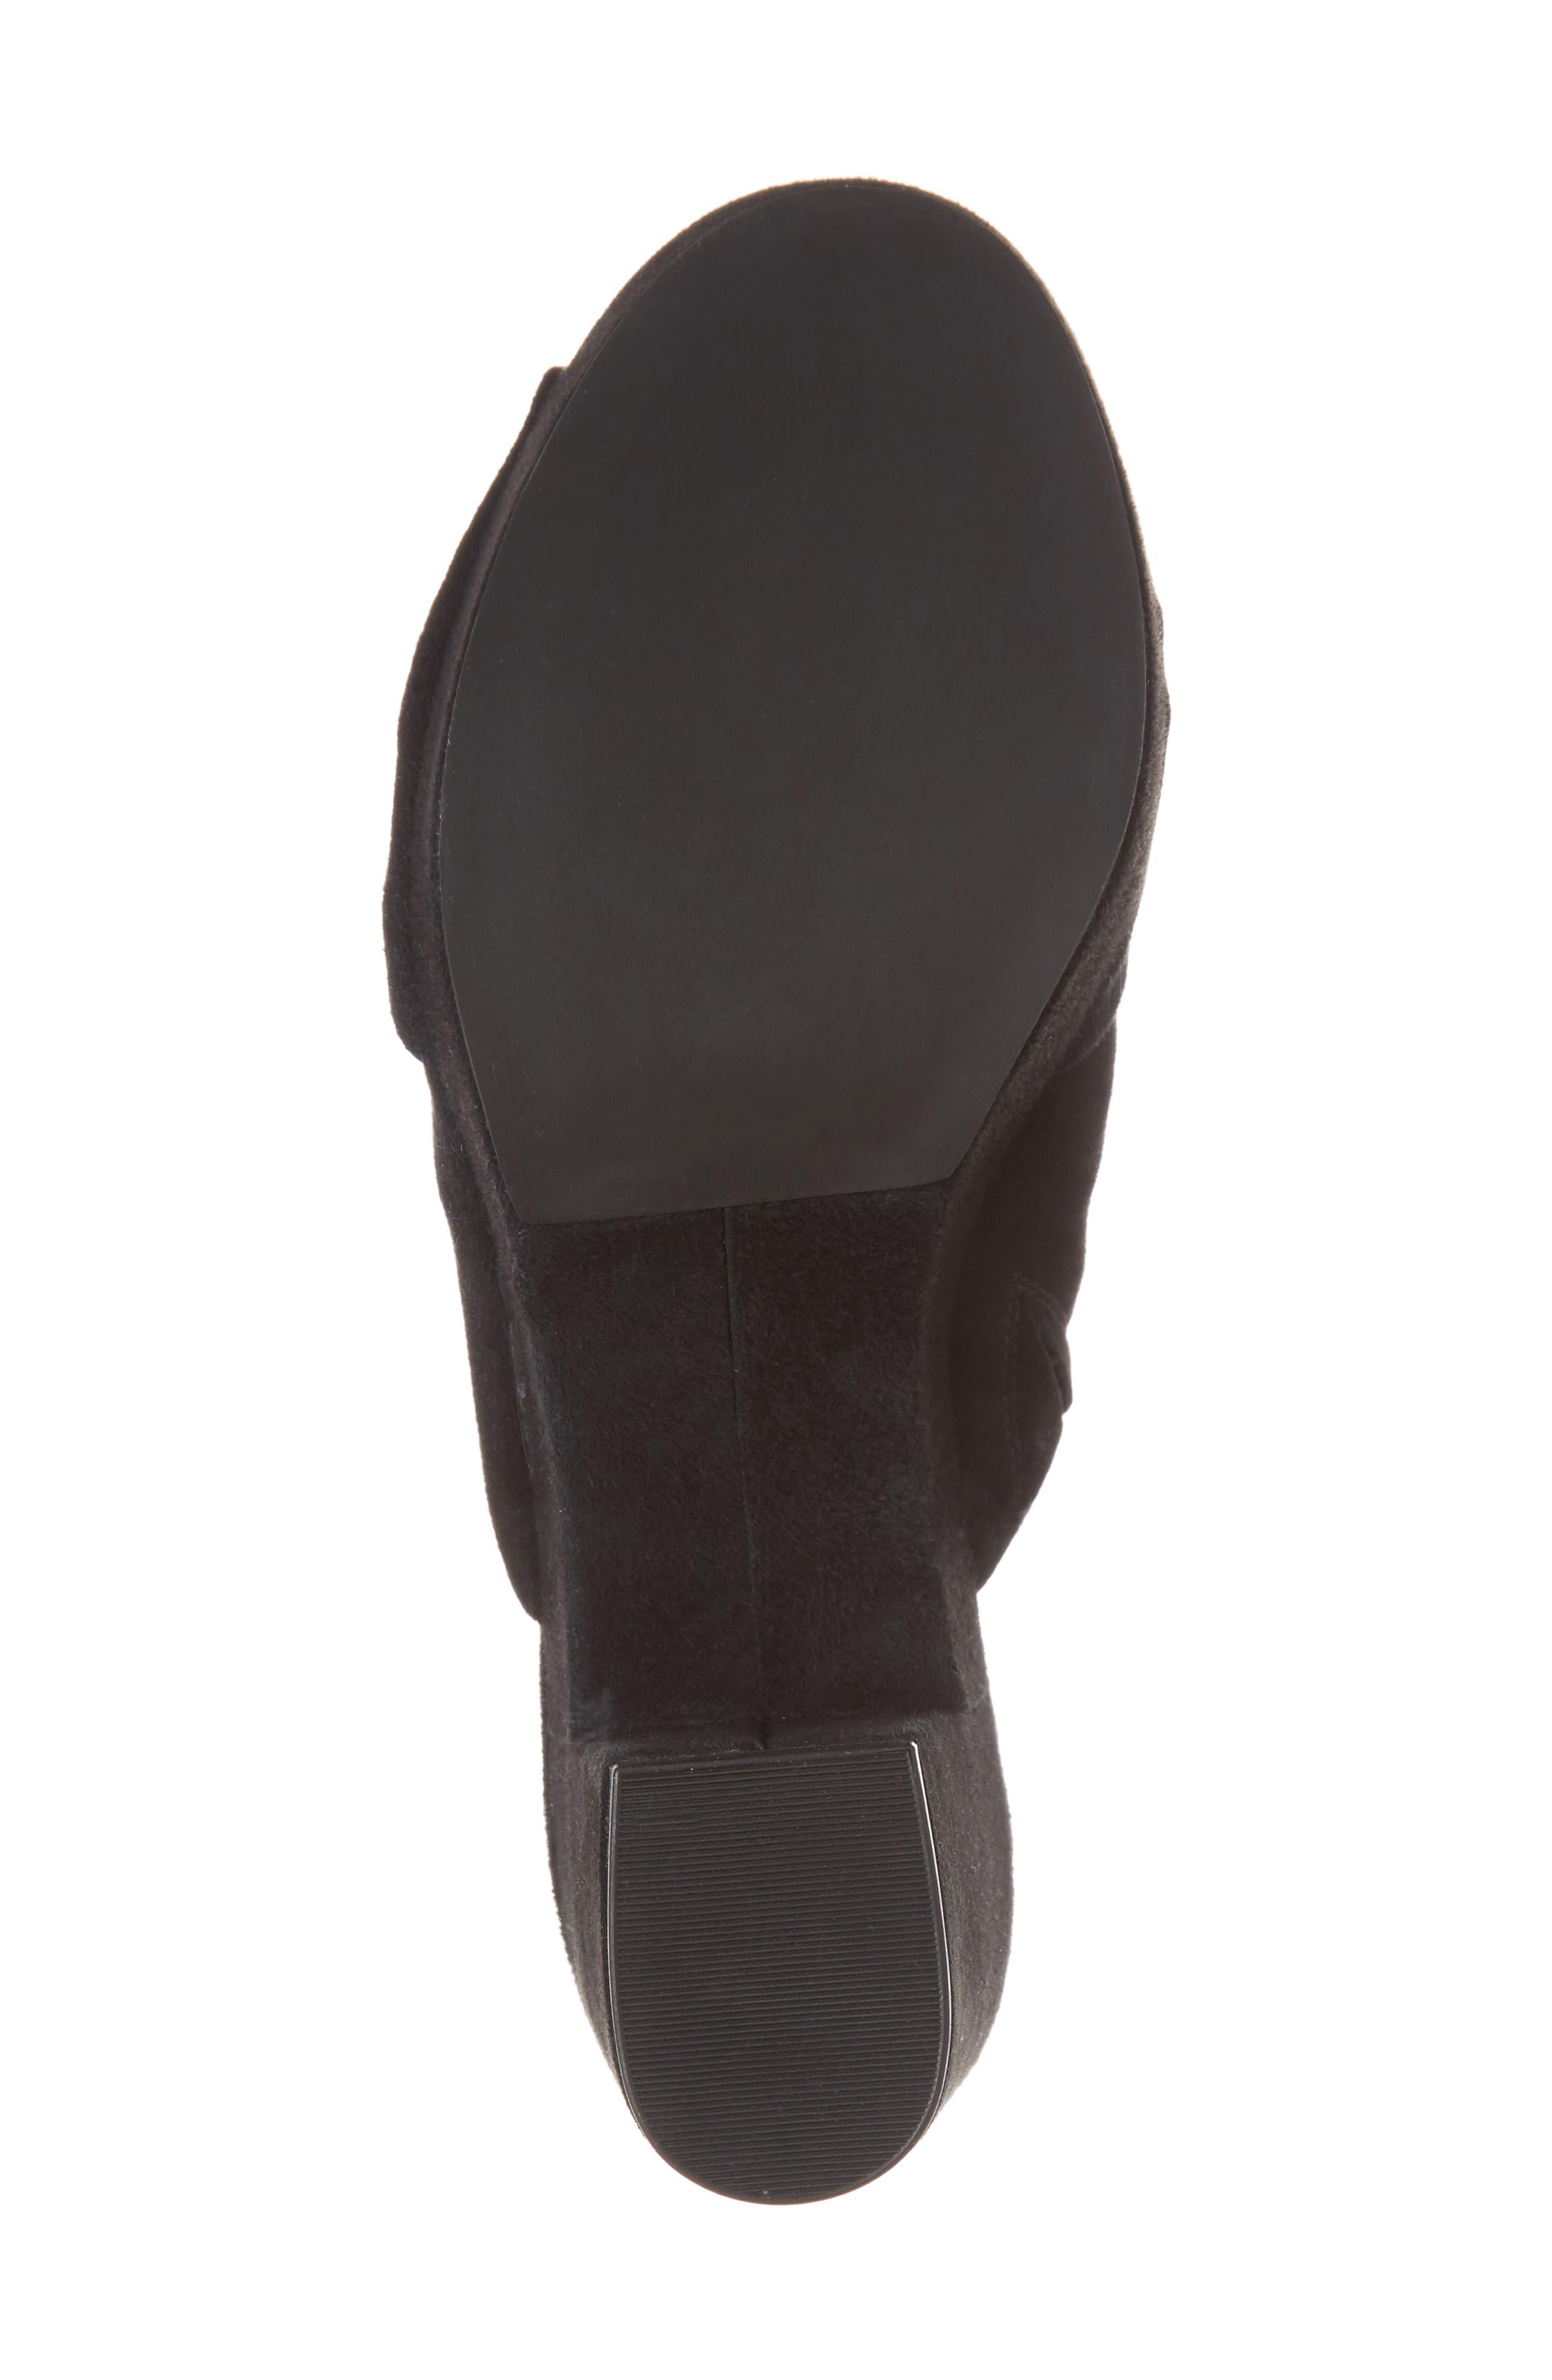 REBECCA MINKOFF,                             Jaden Slide Sandal,                             Alternate thumbnail 6, color,                             001